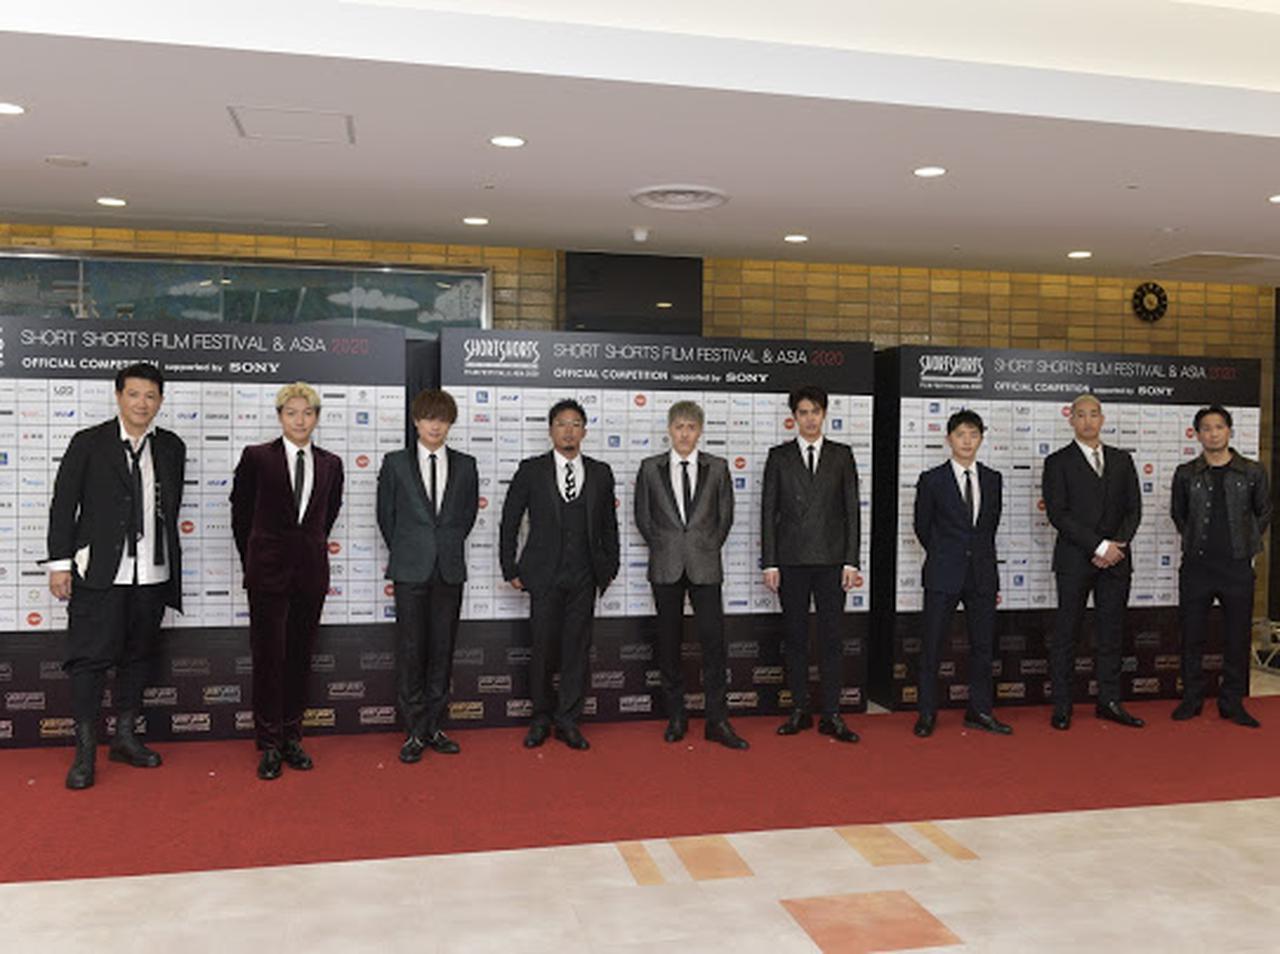 画像: 「ショートショート フィルムフェスティバル & アジア 2020」(SSFF & ASIA)アワードセレモニーにGENERATIONSら登壇 - SCREEN ONLINE(スクリーンオンライン)